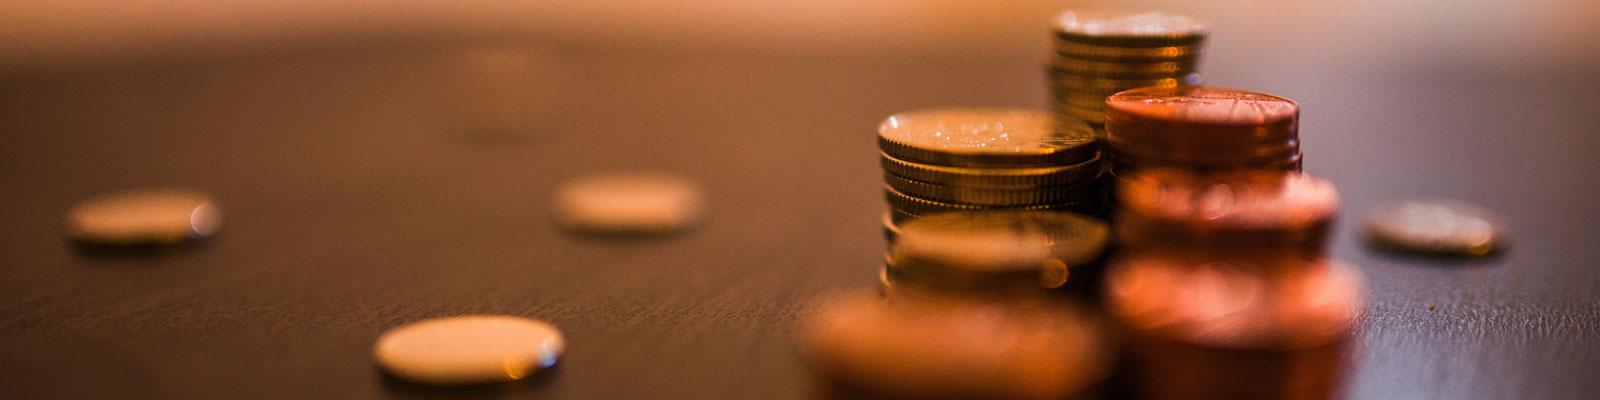 Google AdWords 5 règles pour optimiser vos dépenses pub